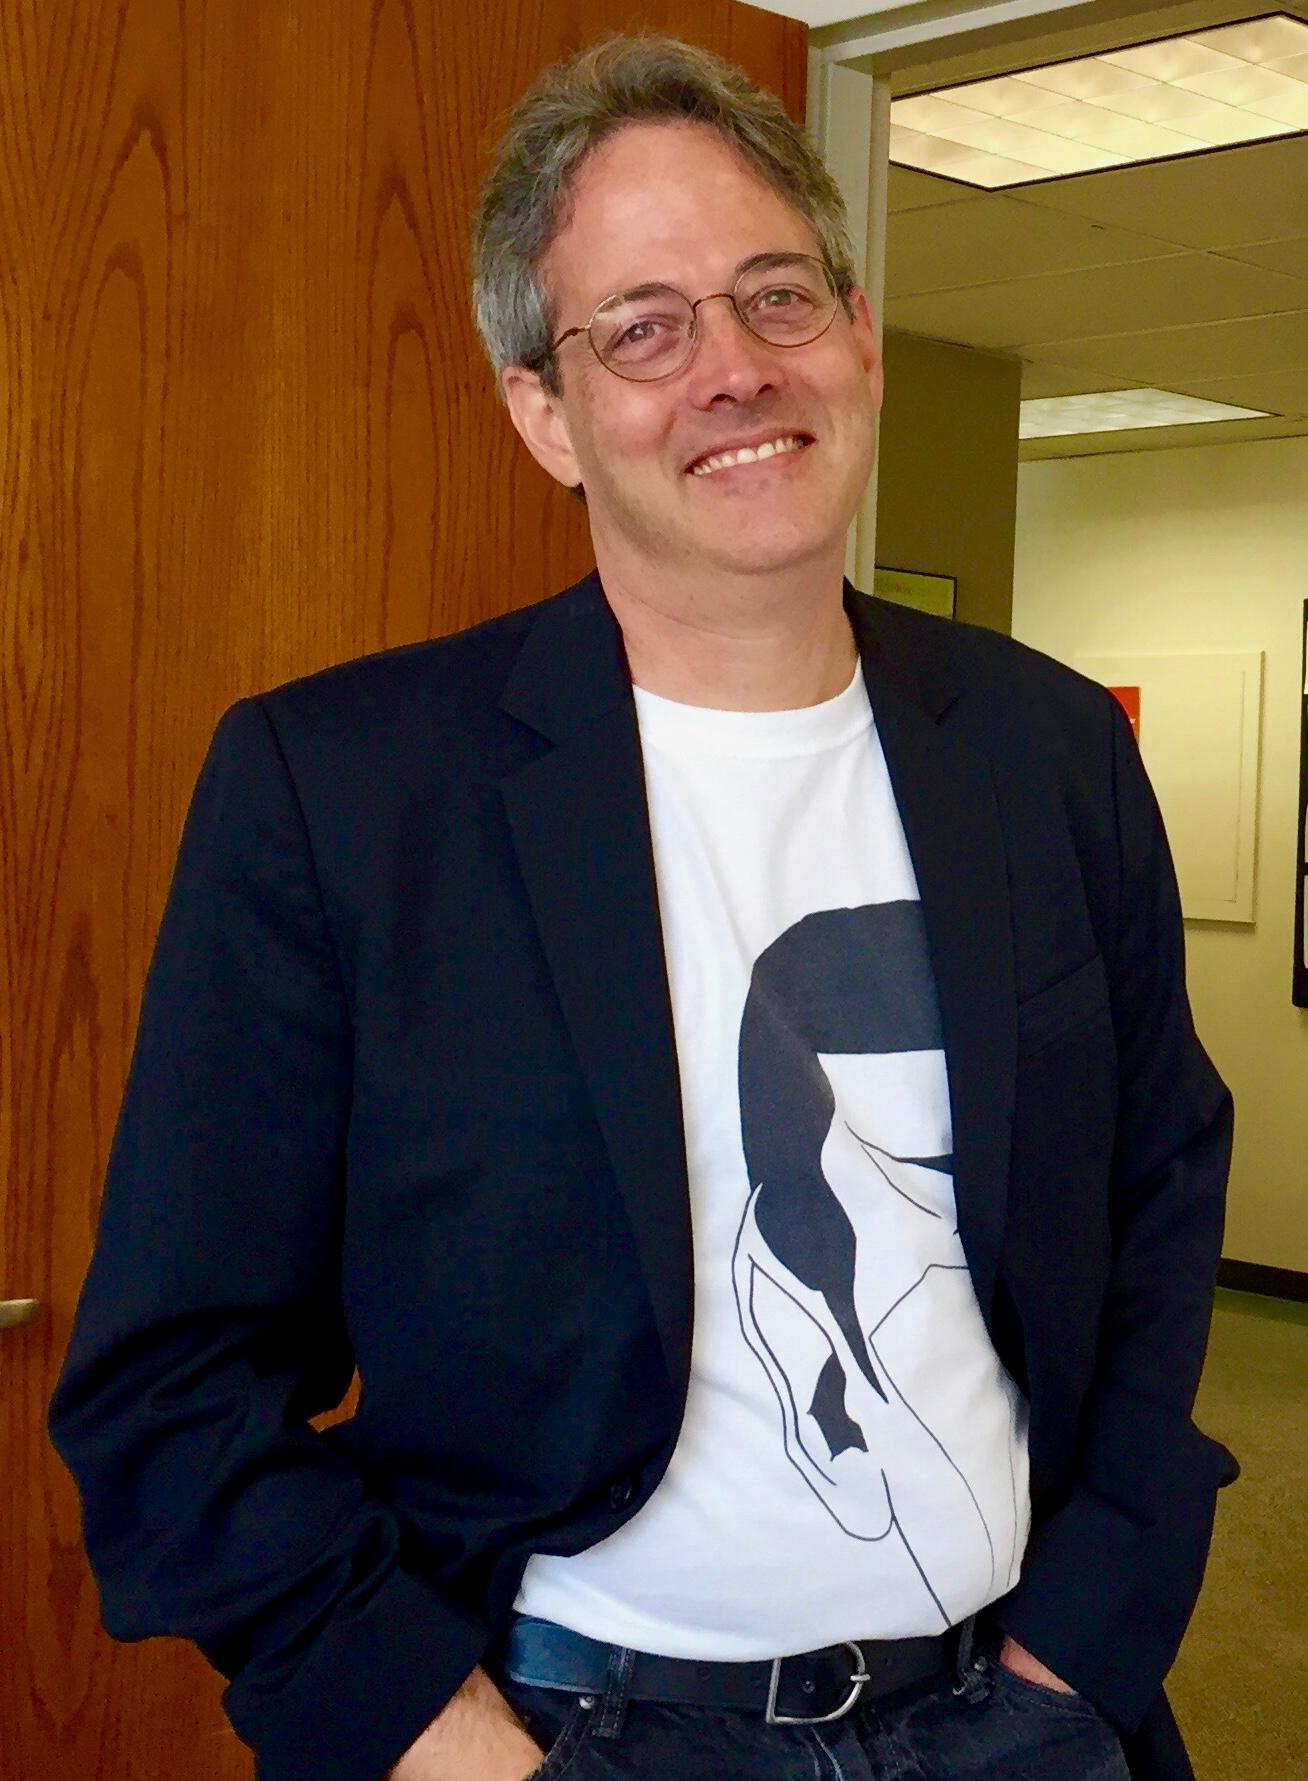 Michael Merschel